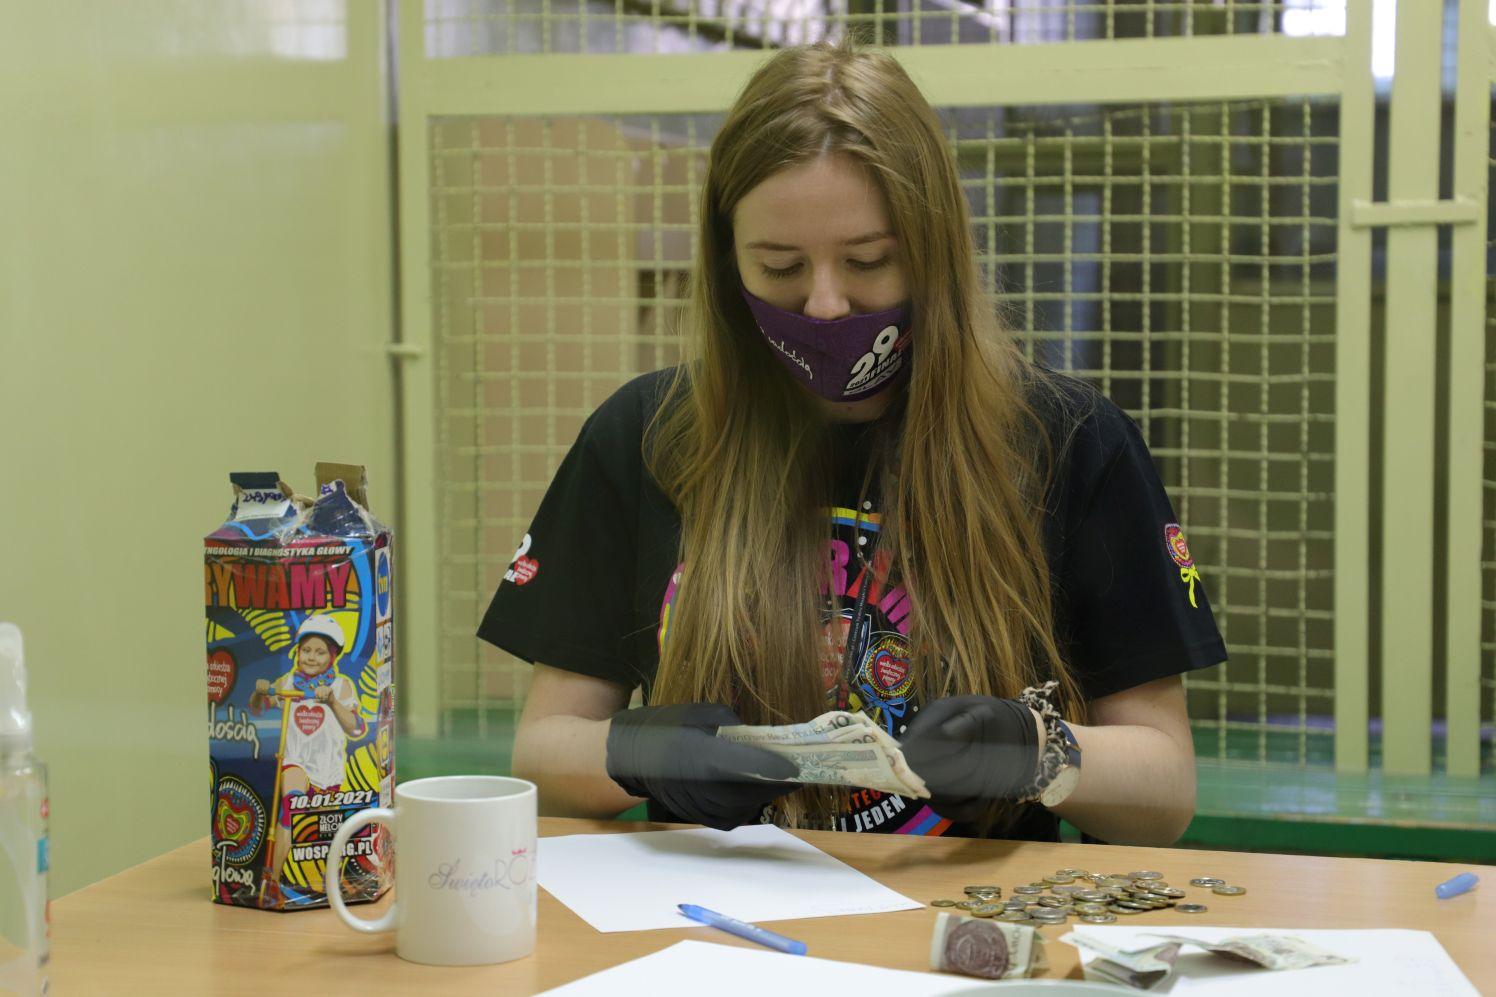 WOŚP w Kutnie: dzięki wolontariuszom zebrano piękną sumę. Uda się pobić rekord? - Zdjęcie główne